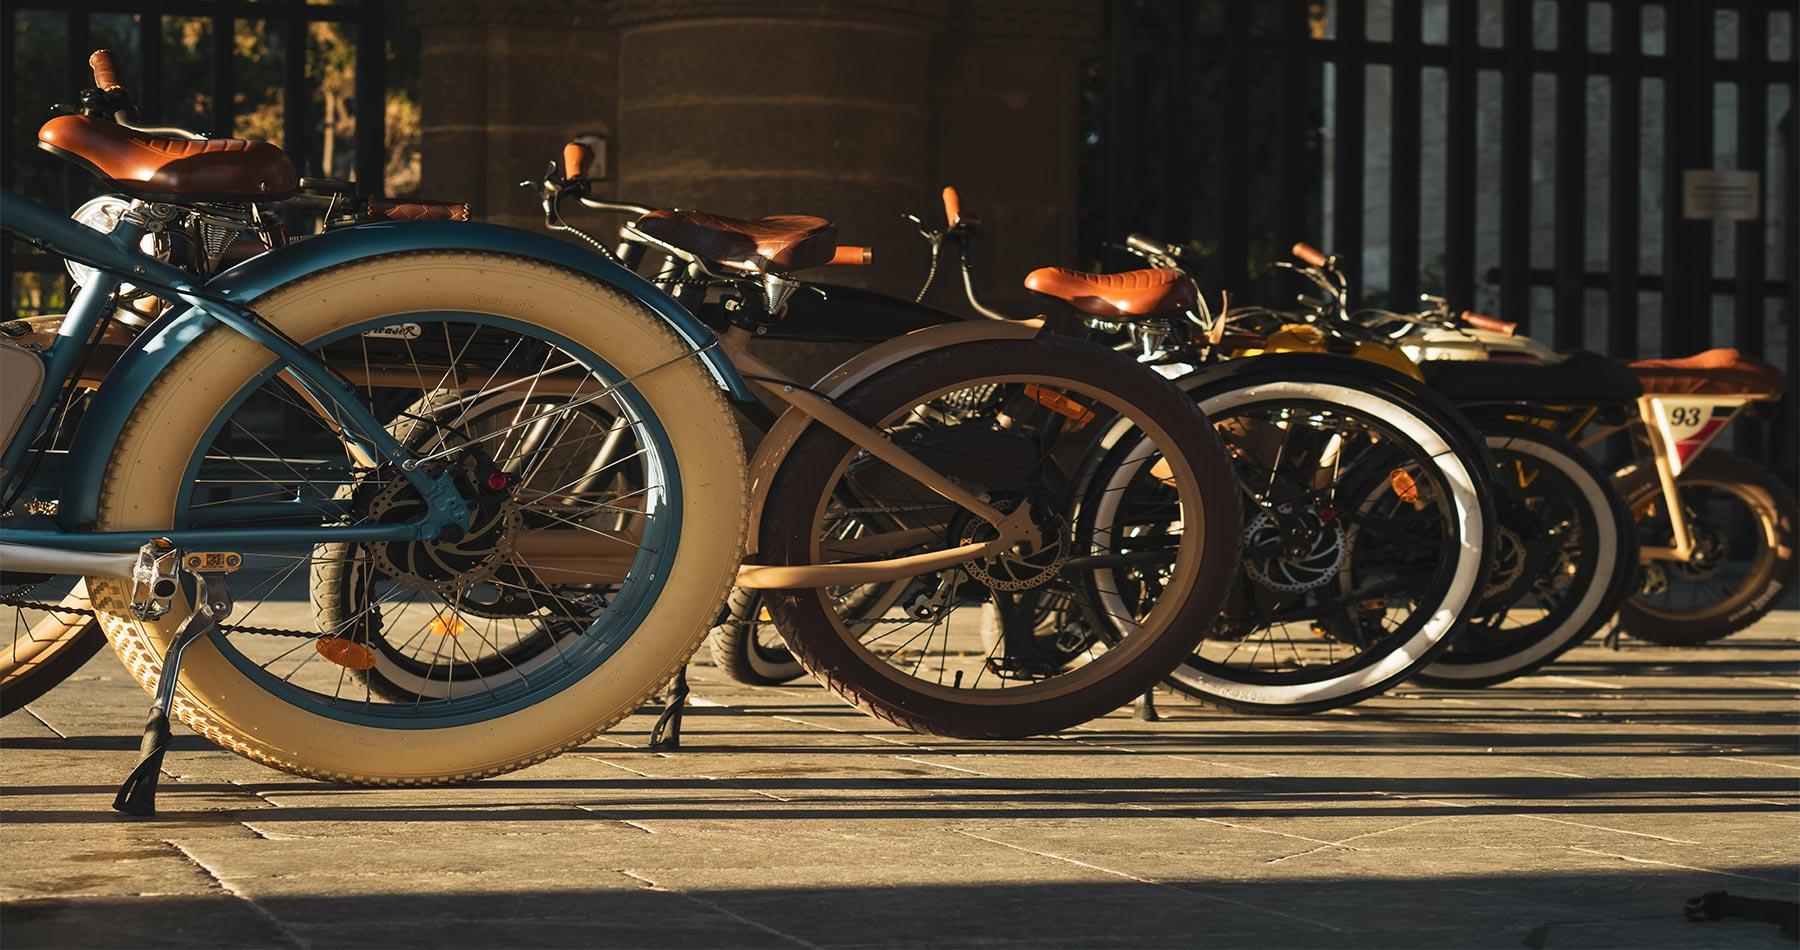 rhodes experiences odix retro bikes 2